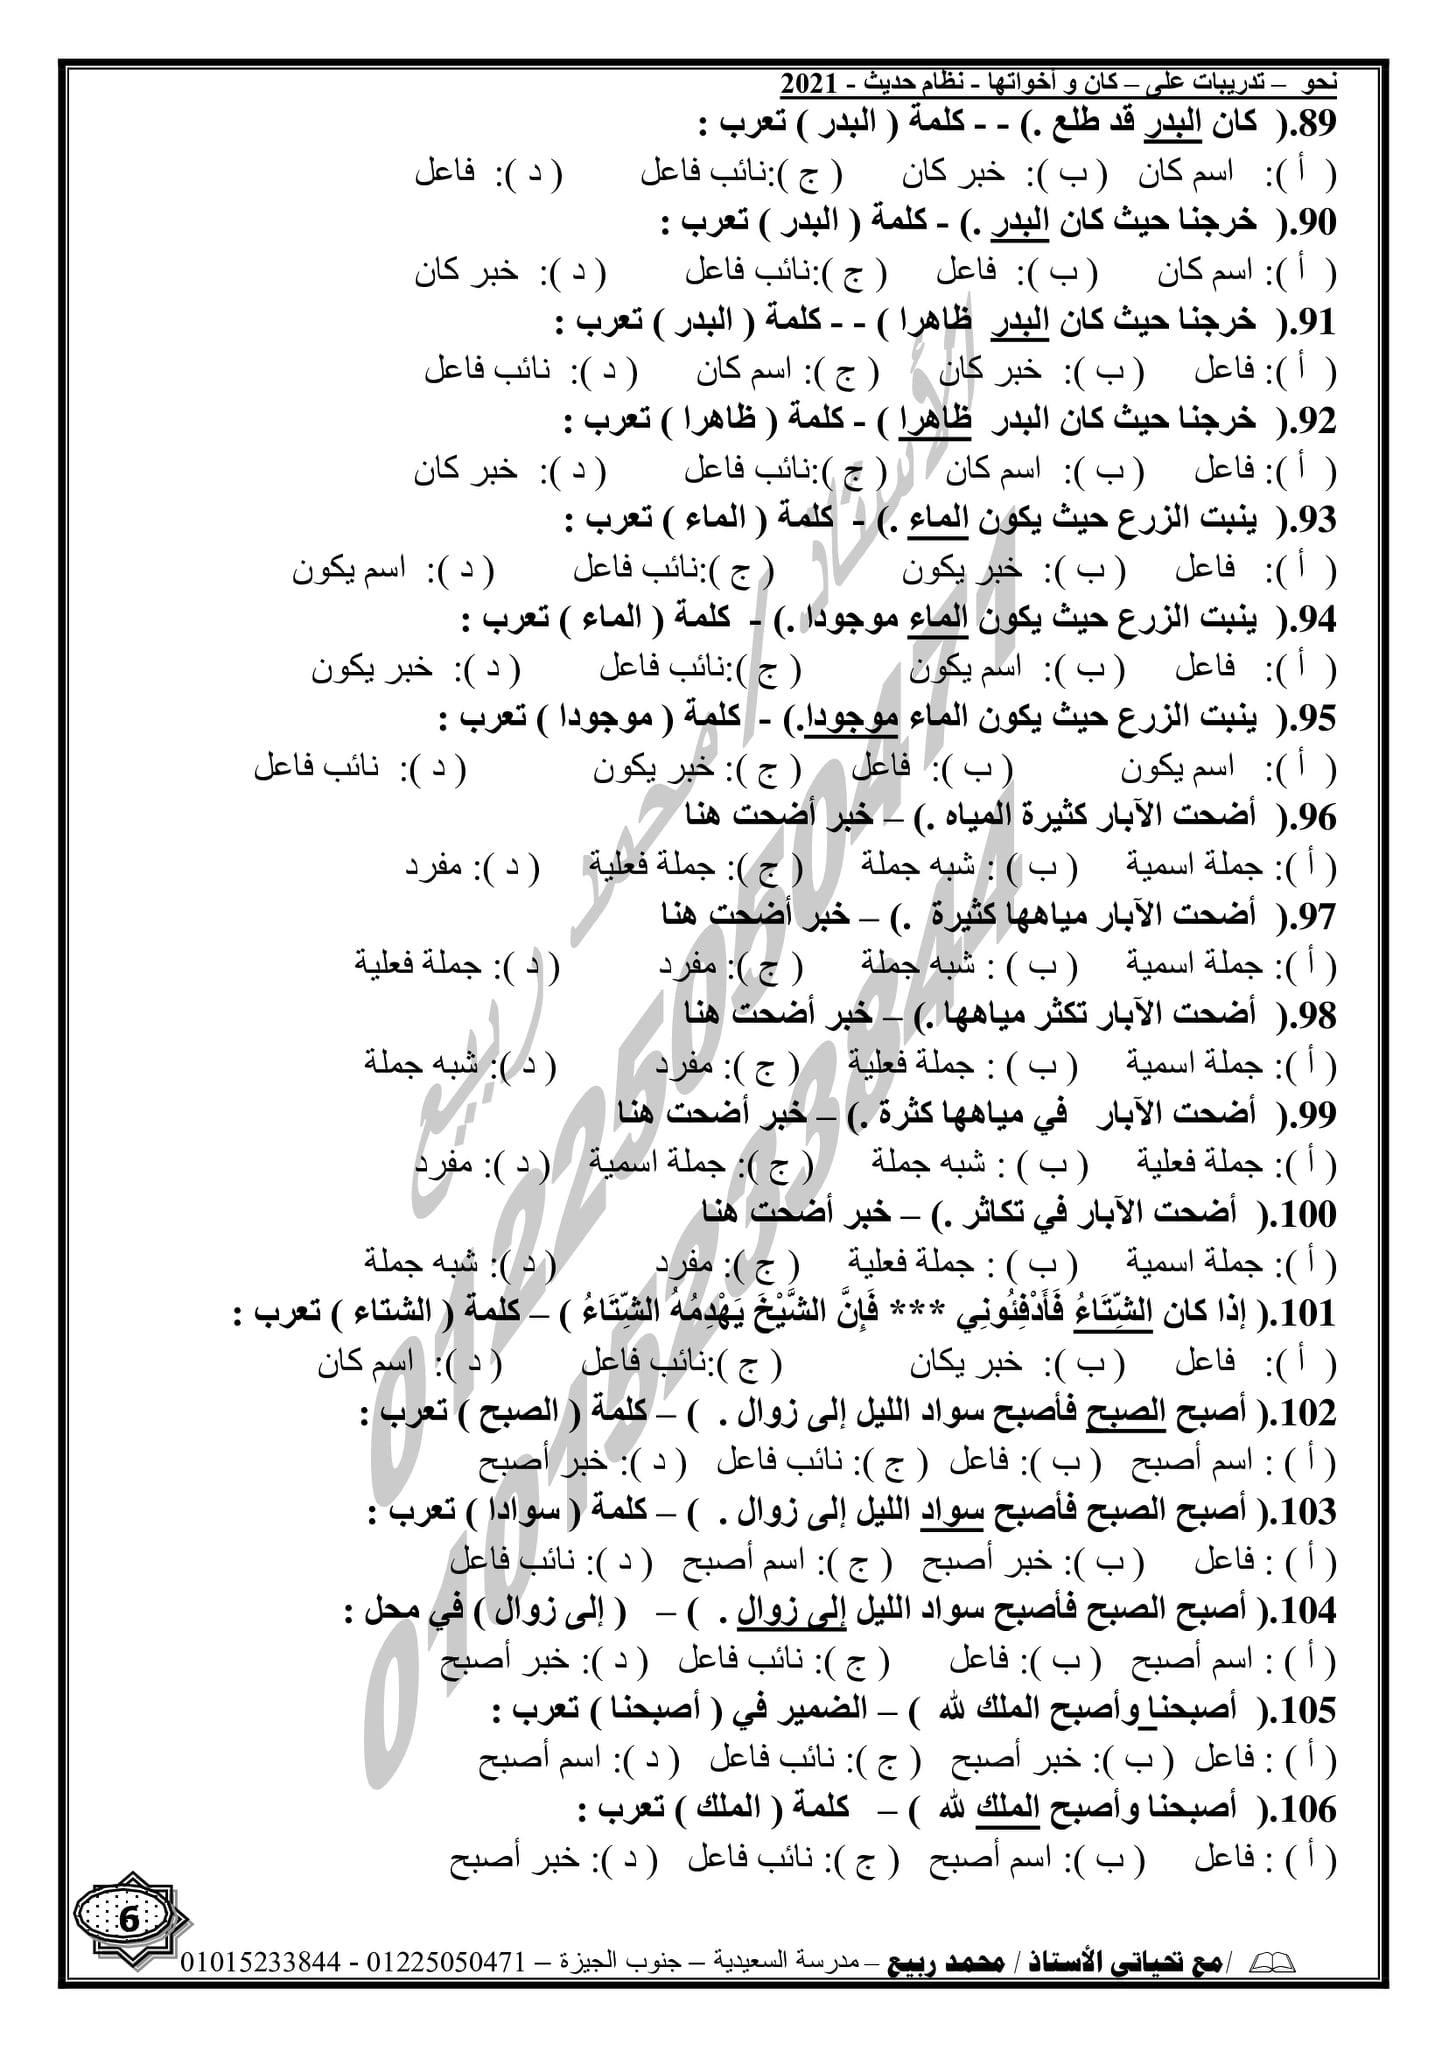 مراجعة نحو ثالث ثانوي | 124سؤالا بالنظام الحديث (اختيار من متعدد) 6